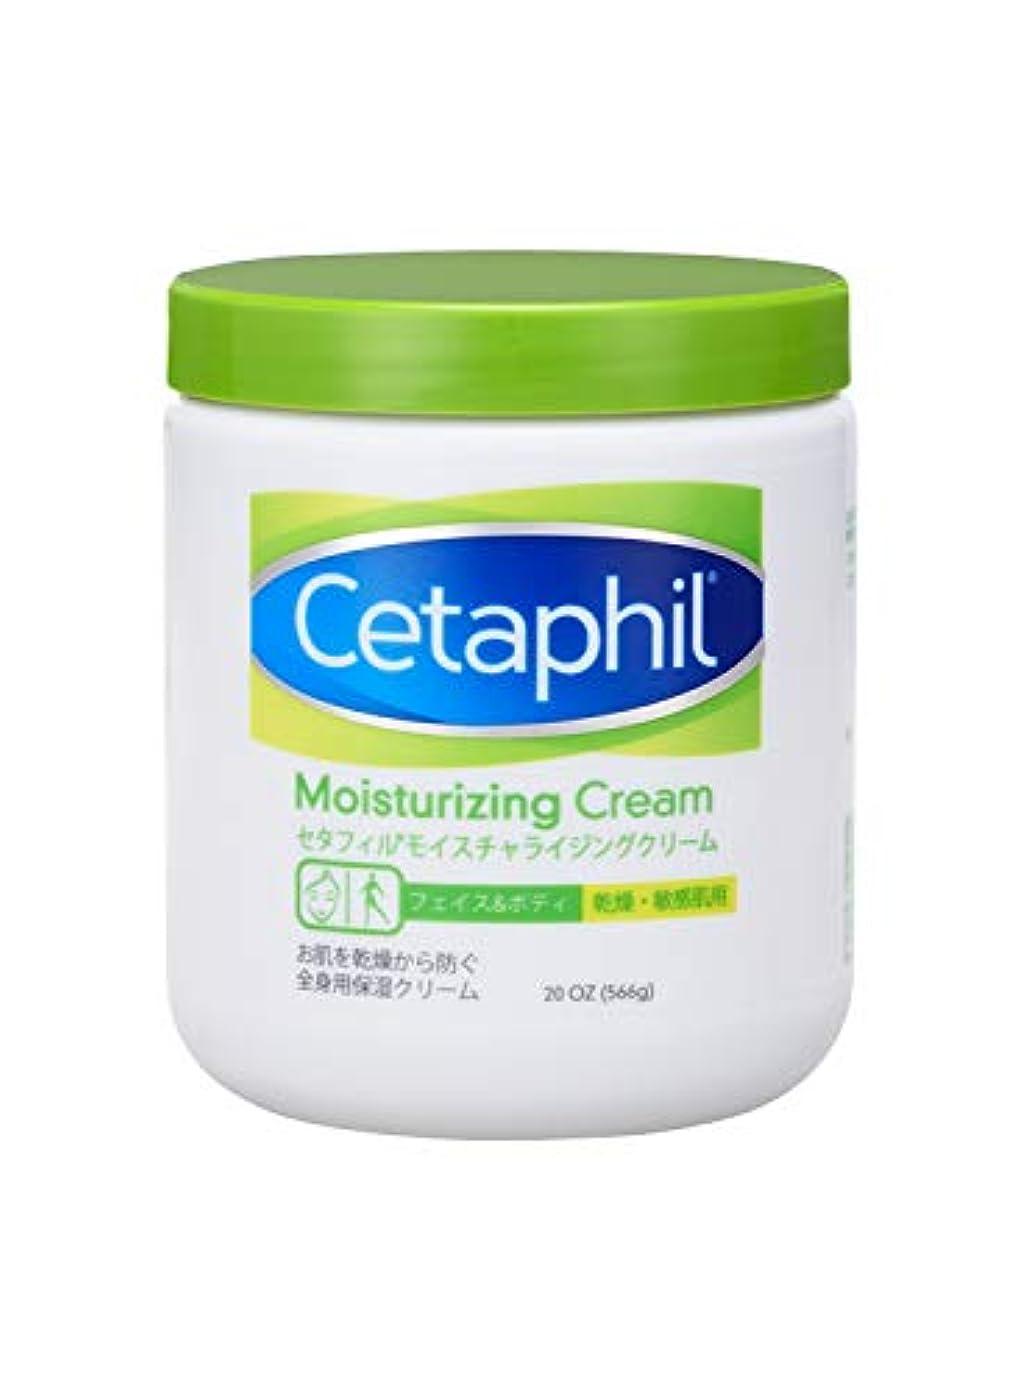 言語学毎日ガイダンスセタフィル Cetaphil ® モイスチャライジングクリーム 566ml ( フェイス & ボディ 保湿クリーム クリーム )